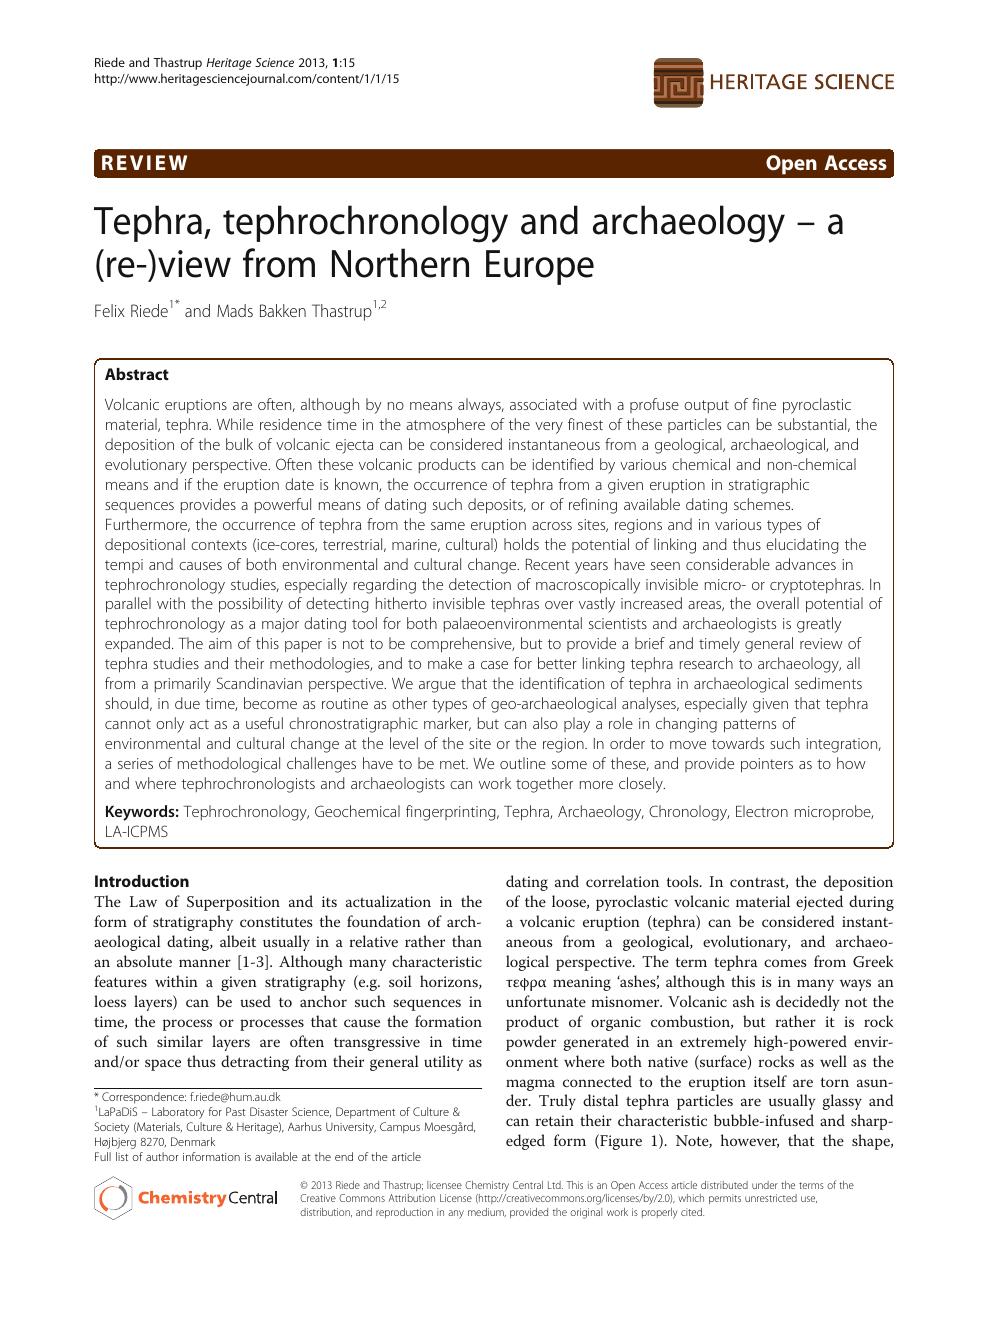 Tefrokronologi är studierna och metoderna där man identifierar och daterar.